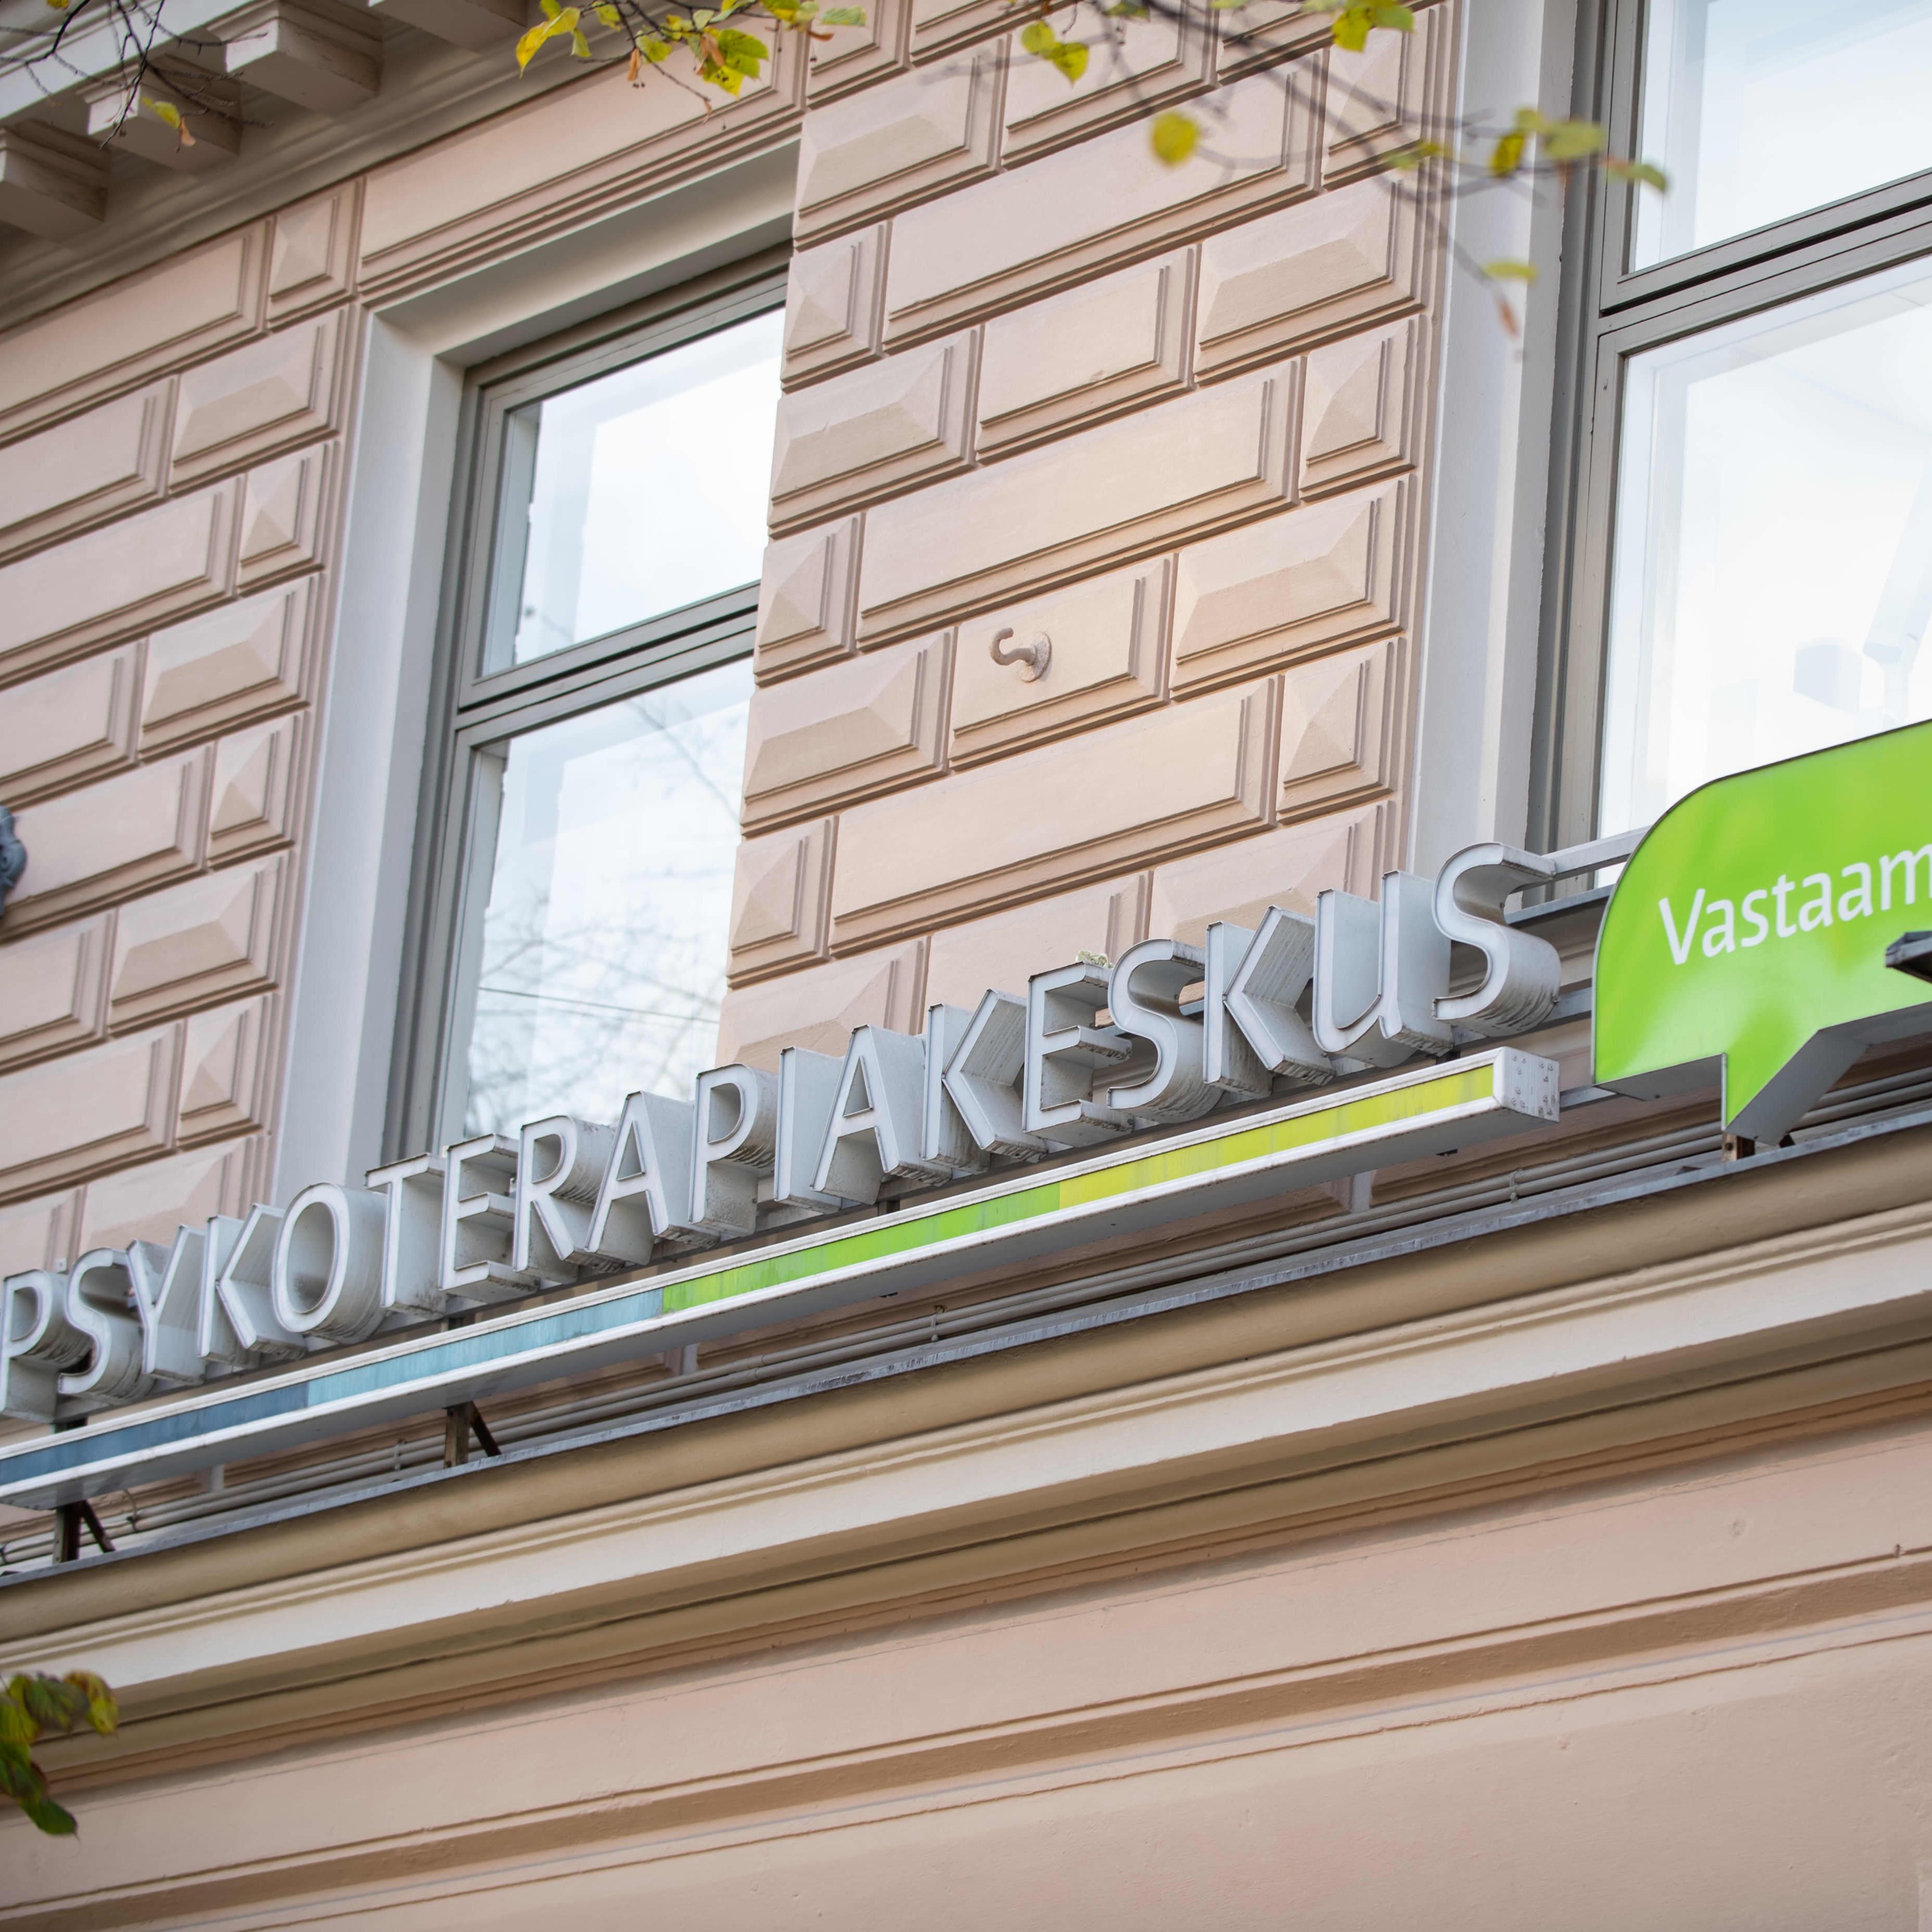 Psykoterapiakeskus Vastaamo.